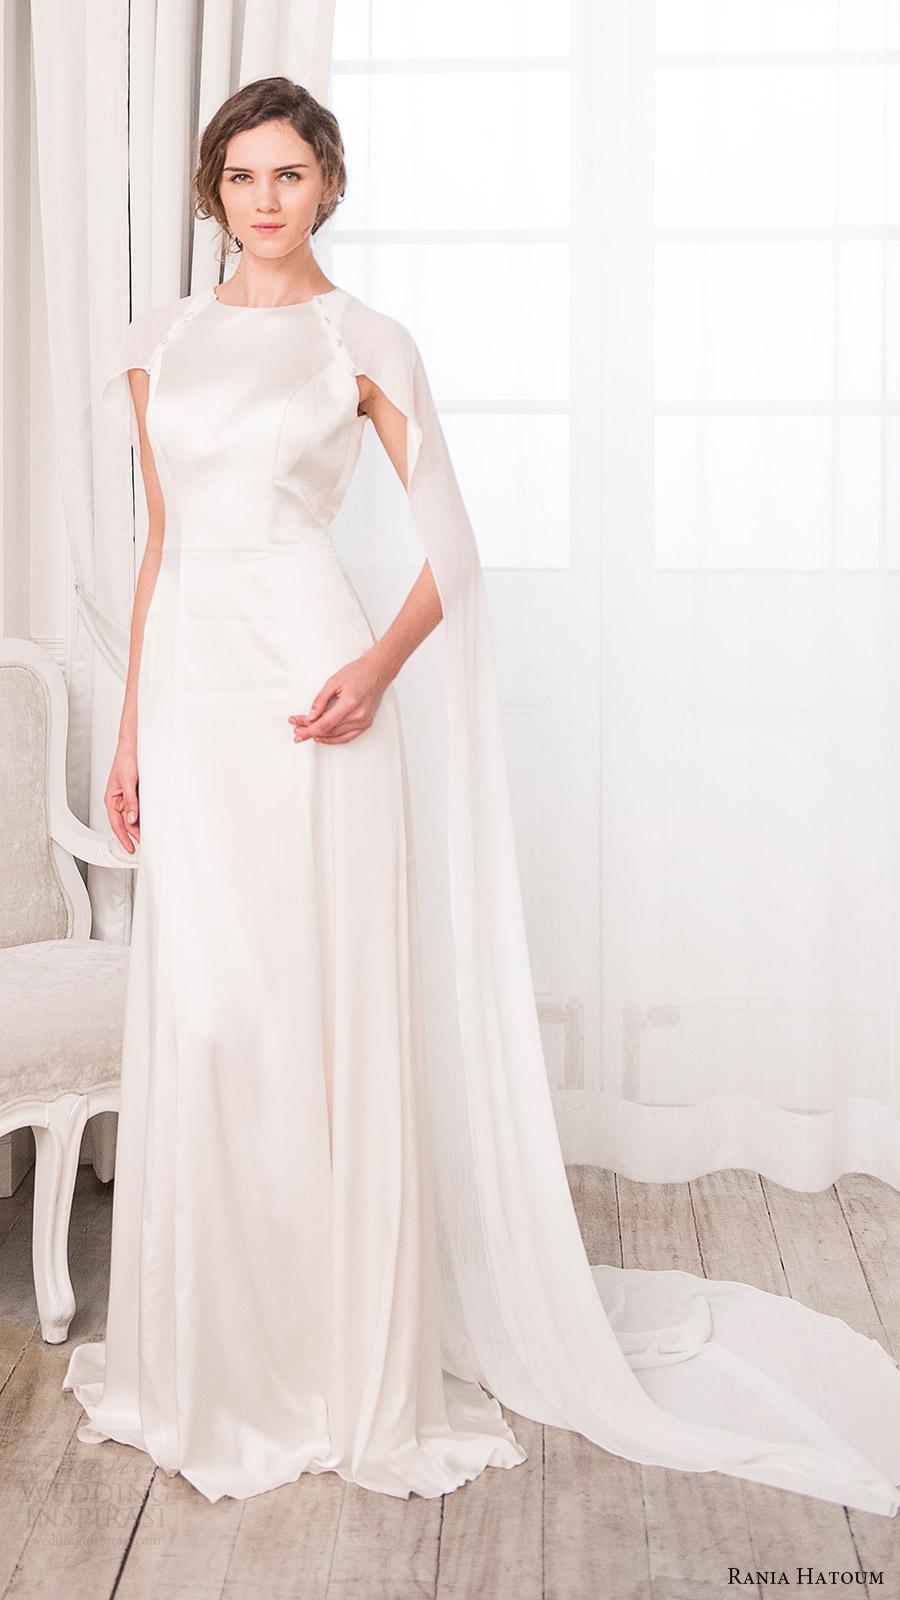 Rania hatoum spring 2017 wedding dresses wedding inspirasi for Wedding dress with a cape